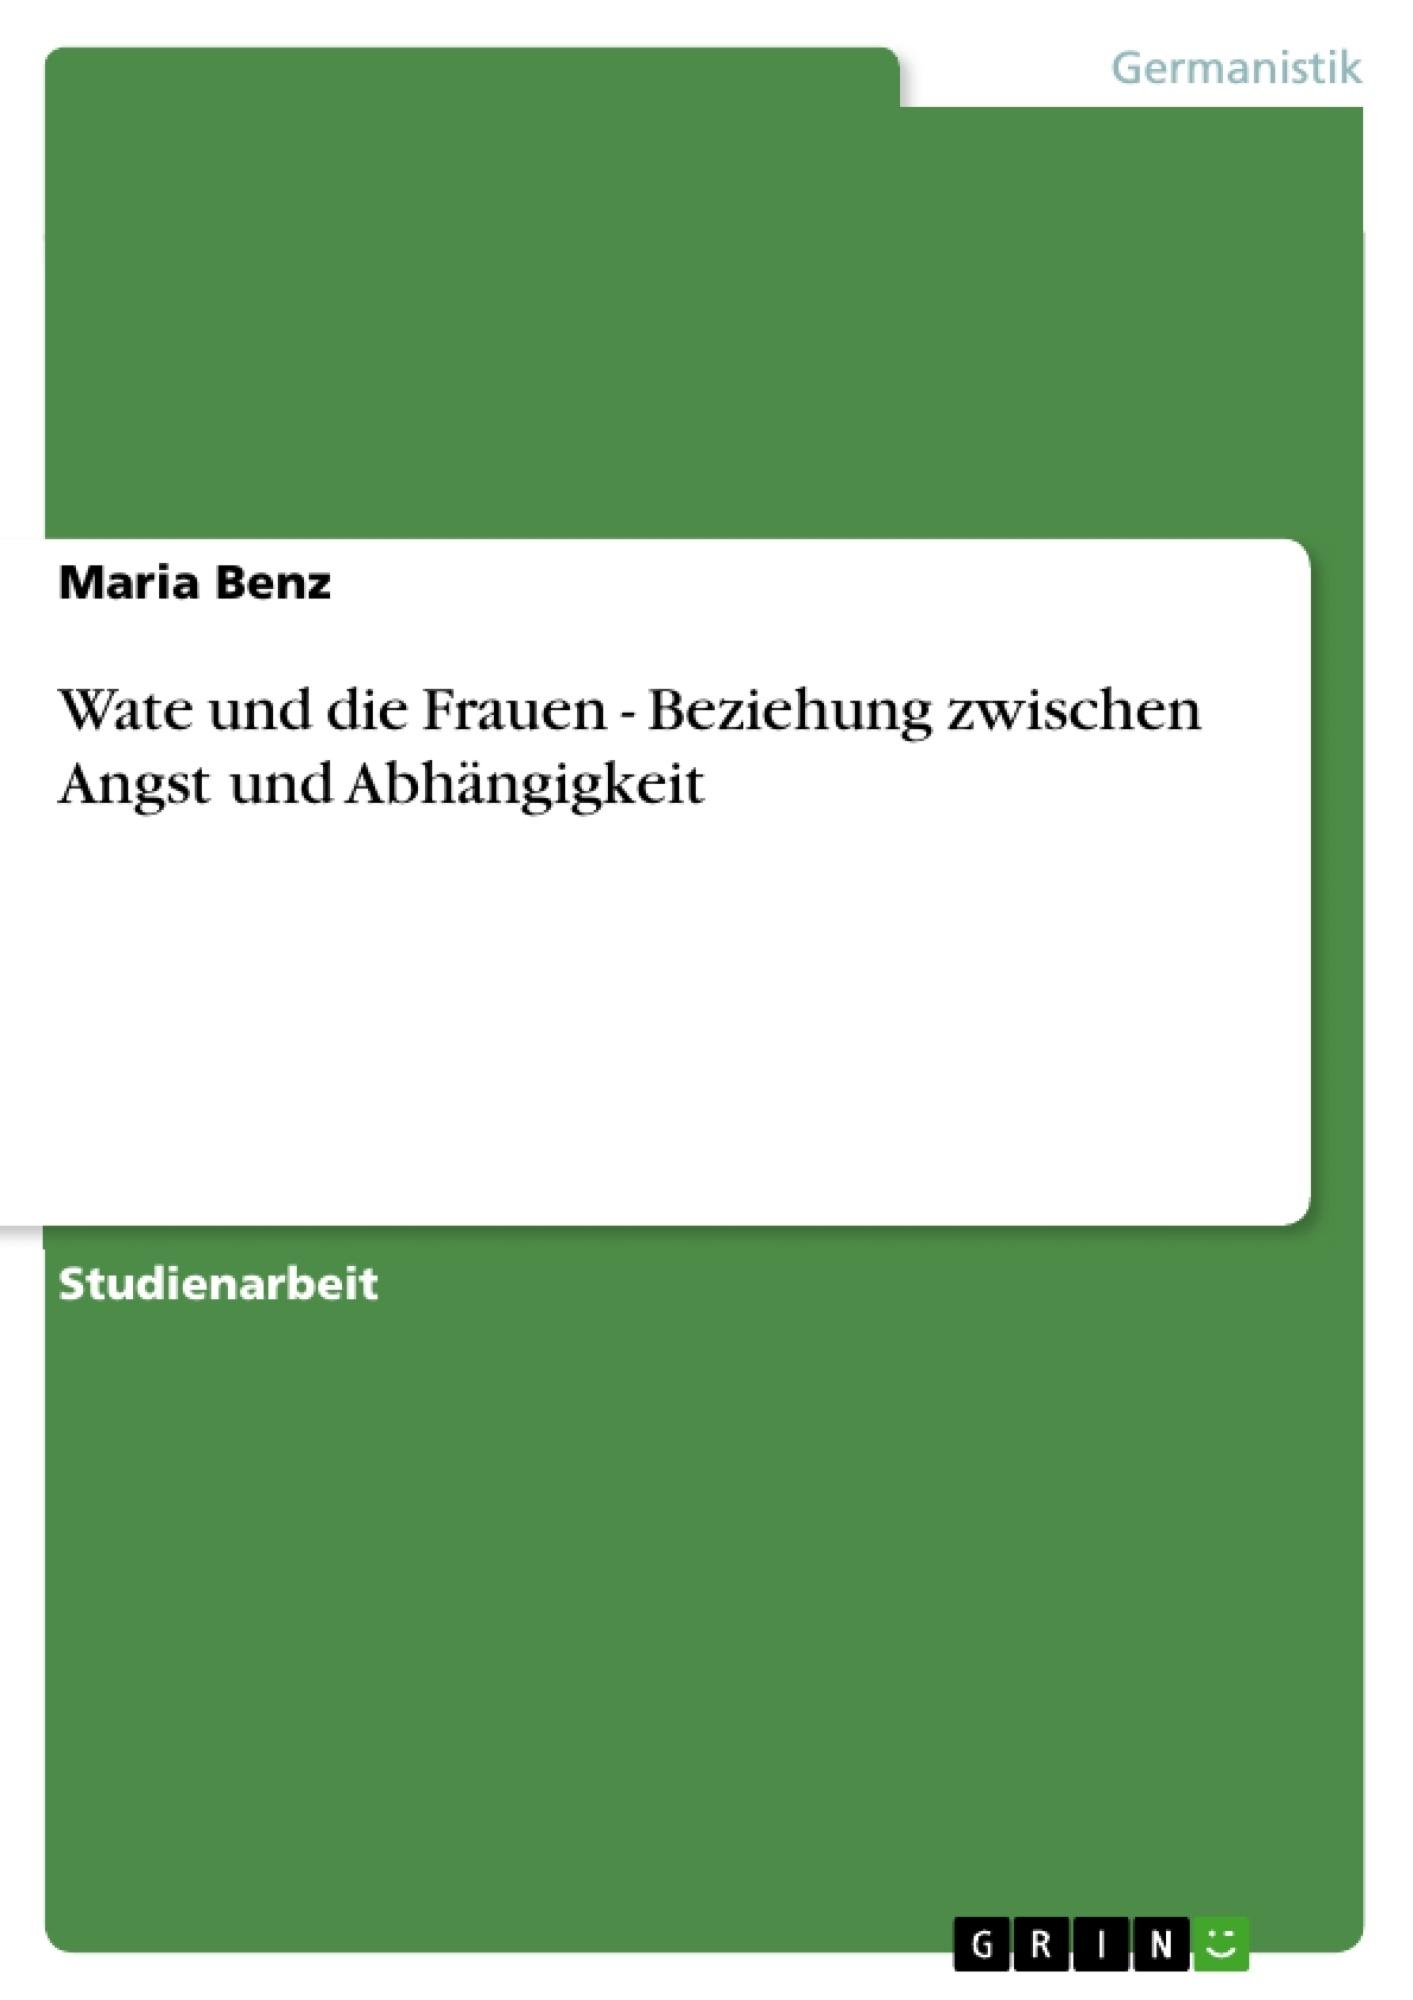 Titel: Wate und die Frauen - Beziehung zwischen Angst und Abhängigkeit